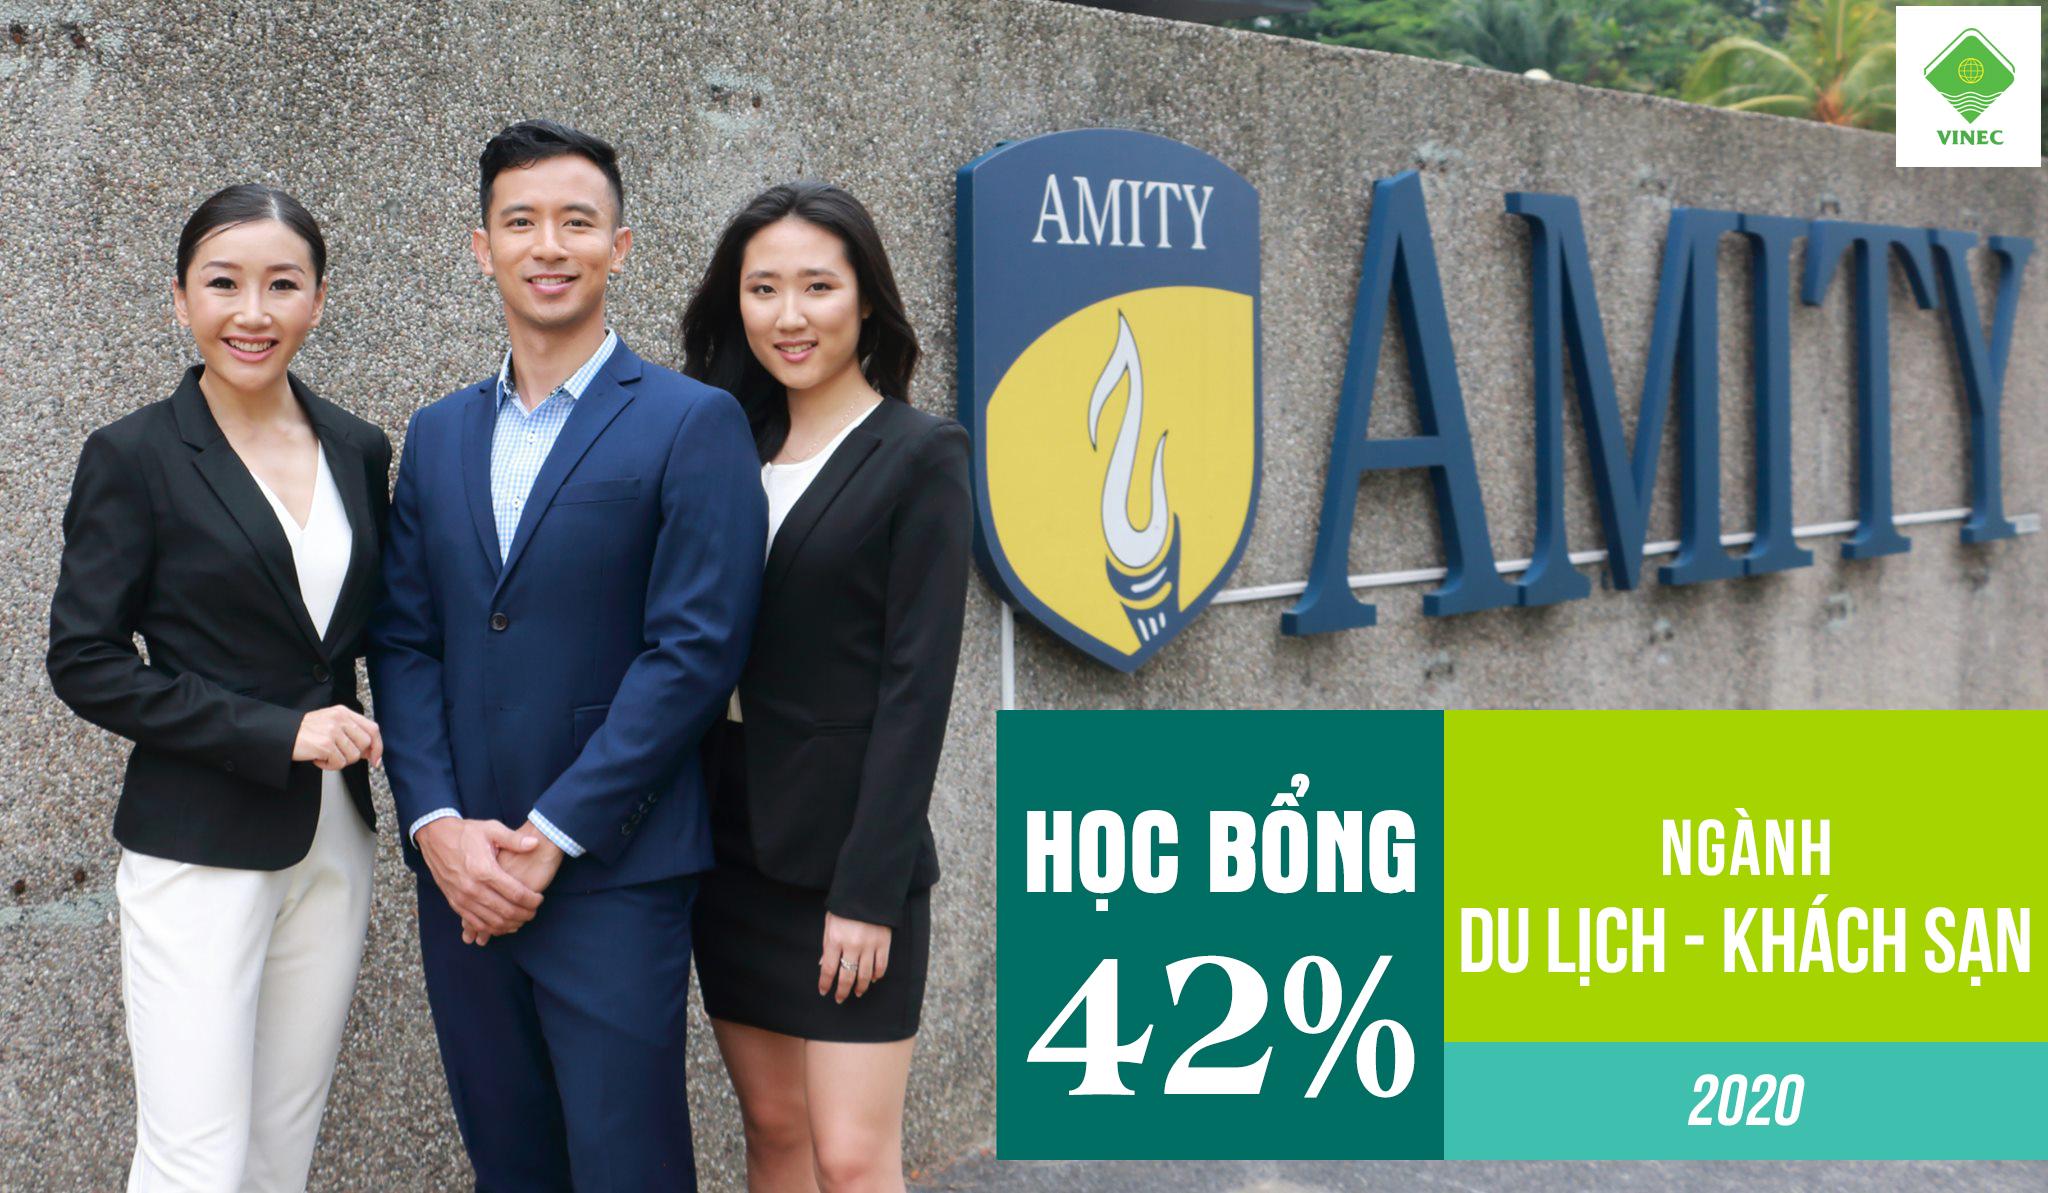 DU HỌC NGÀNH DU LỊCH KHÁCH SẠN VỚI HỌC BỔNG 42% TỪ AMITY SINGAPORE